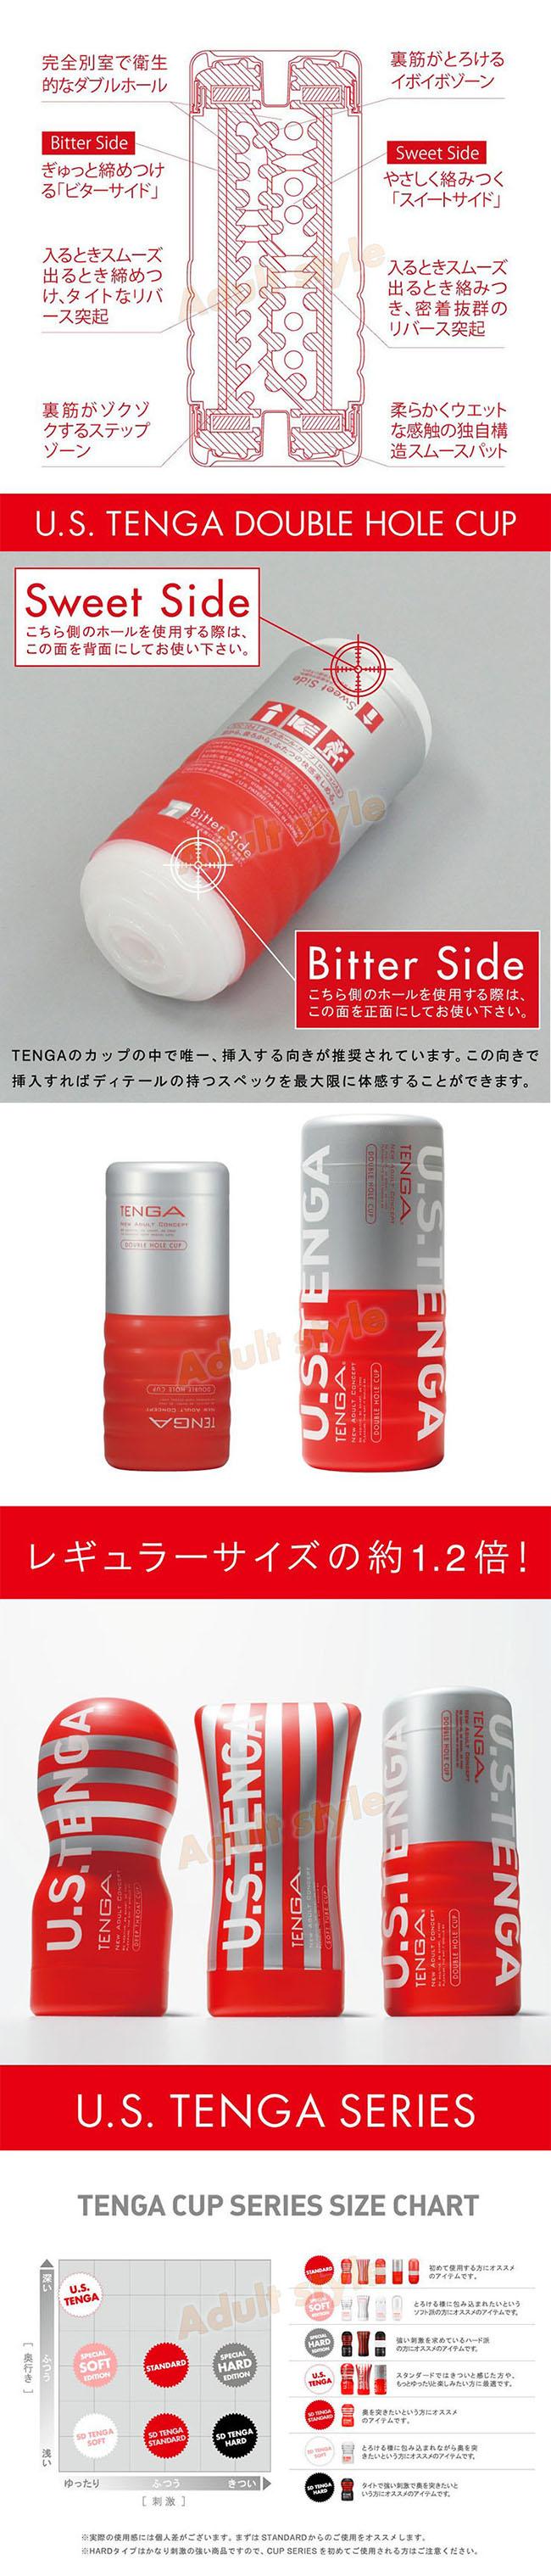 飛機杯-日本TENGA-體位工學杯(挺二重奏杯US加大版)